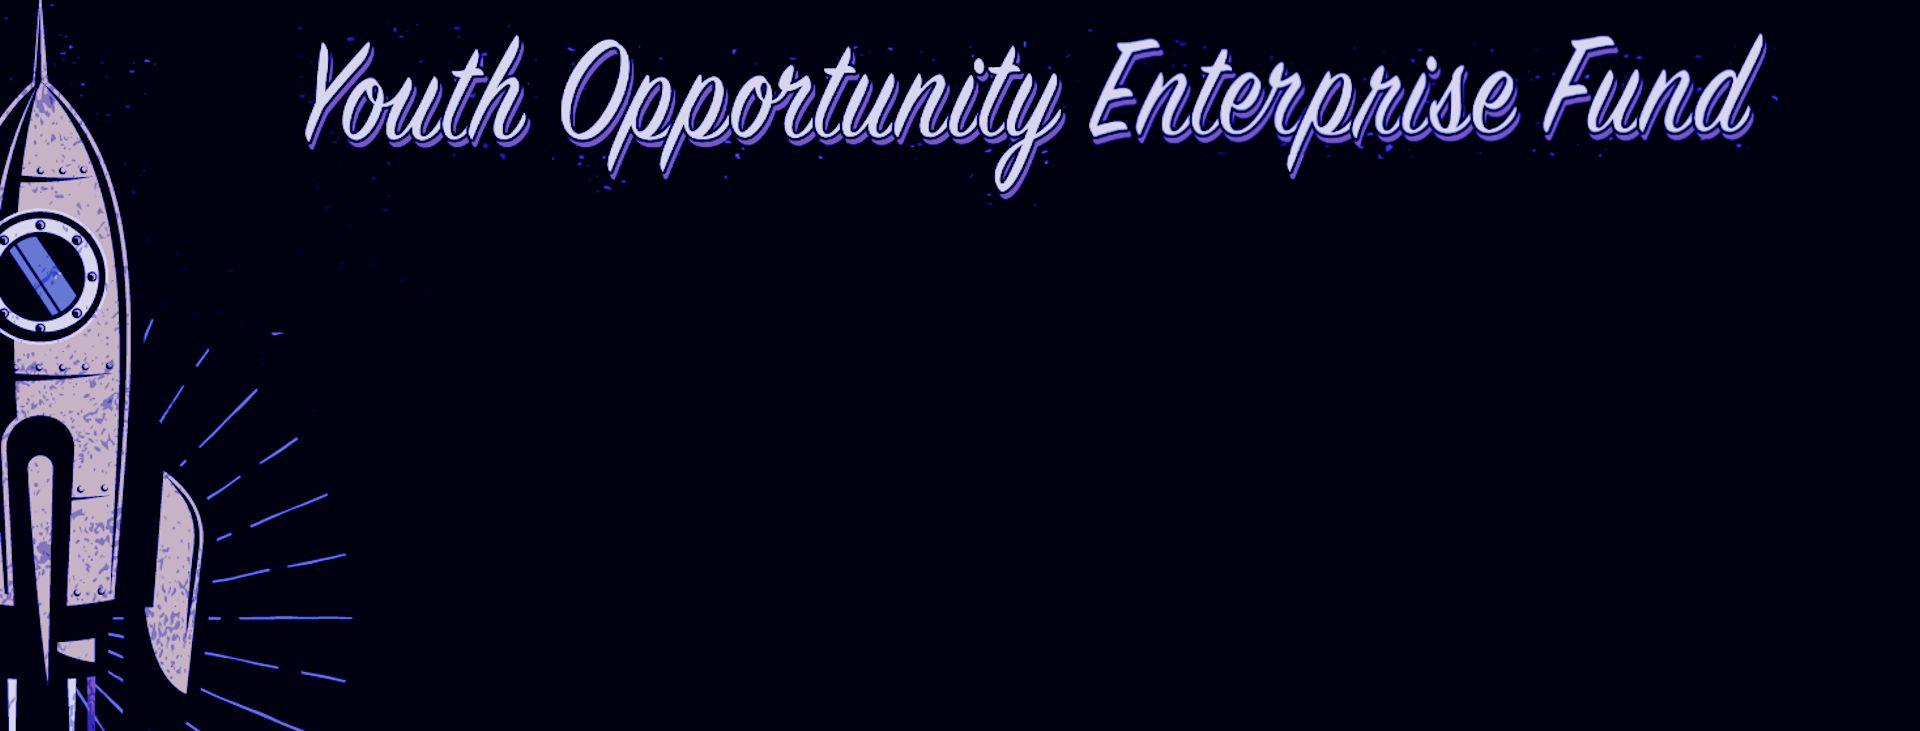 Enterprise Fund